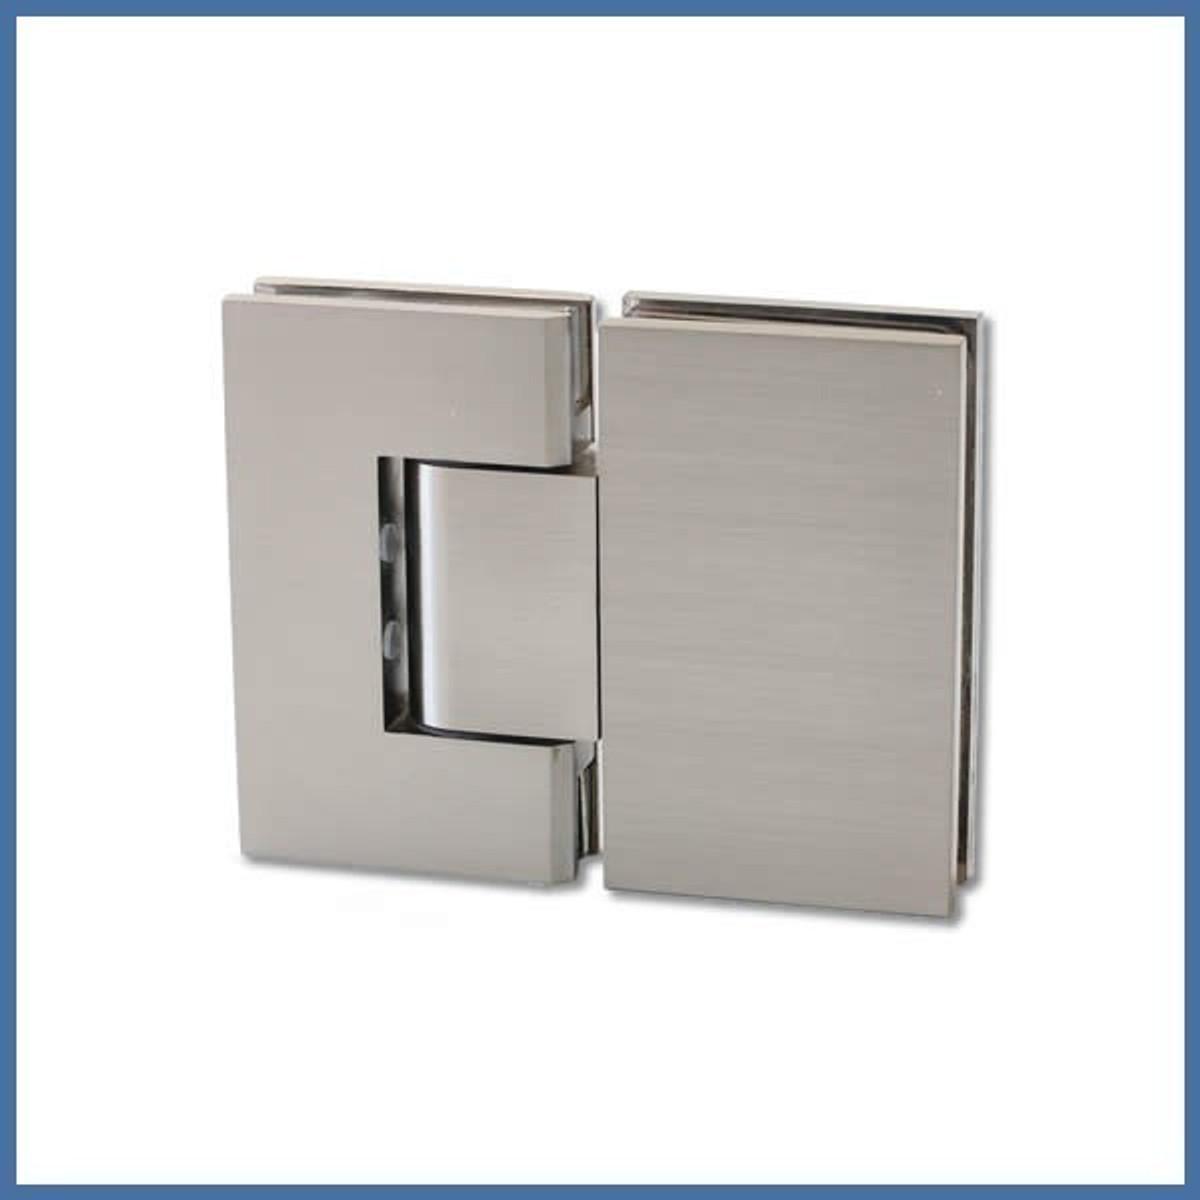 """Duschtürbeschlag, Scharnier für Dusch-Tür, """"Finesse"""", Glas-Glas, 180°, VA-Finish"""